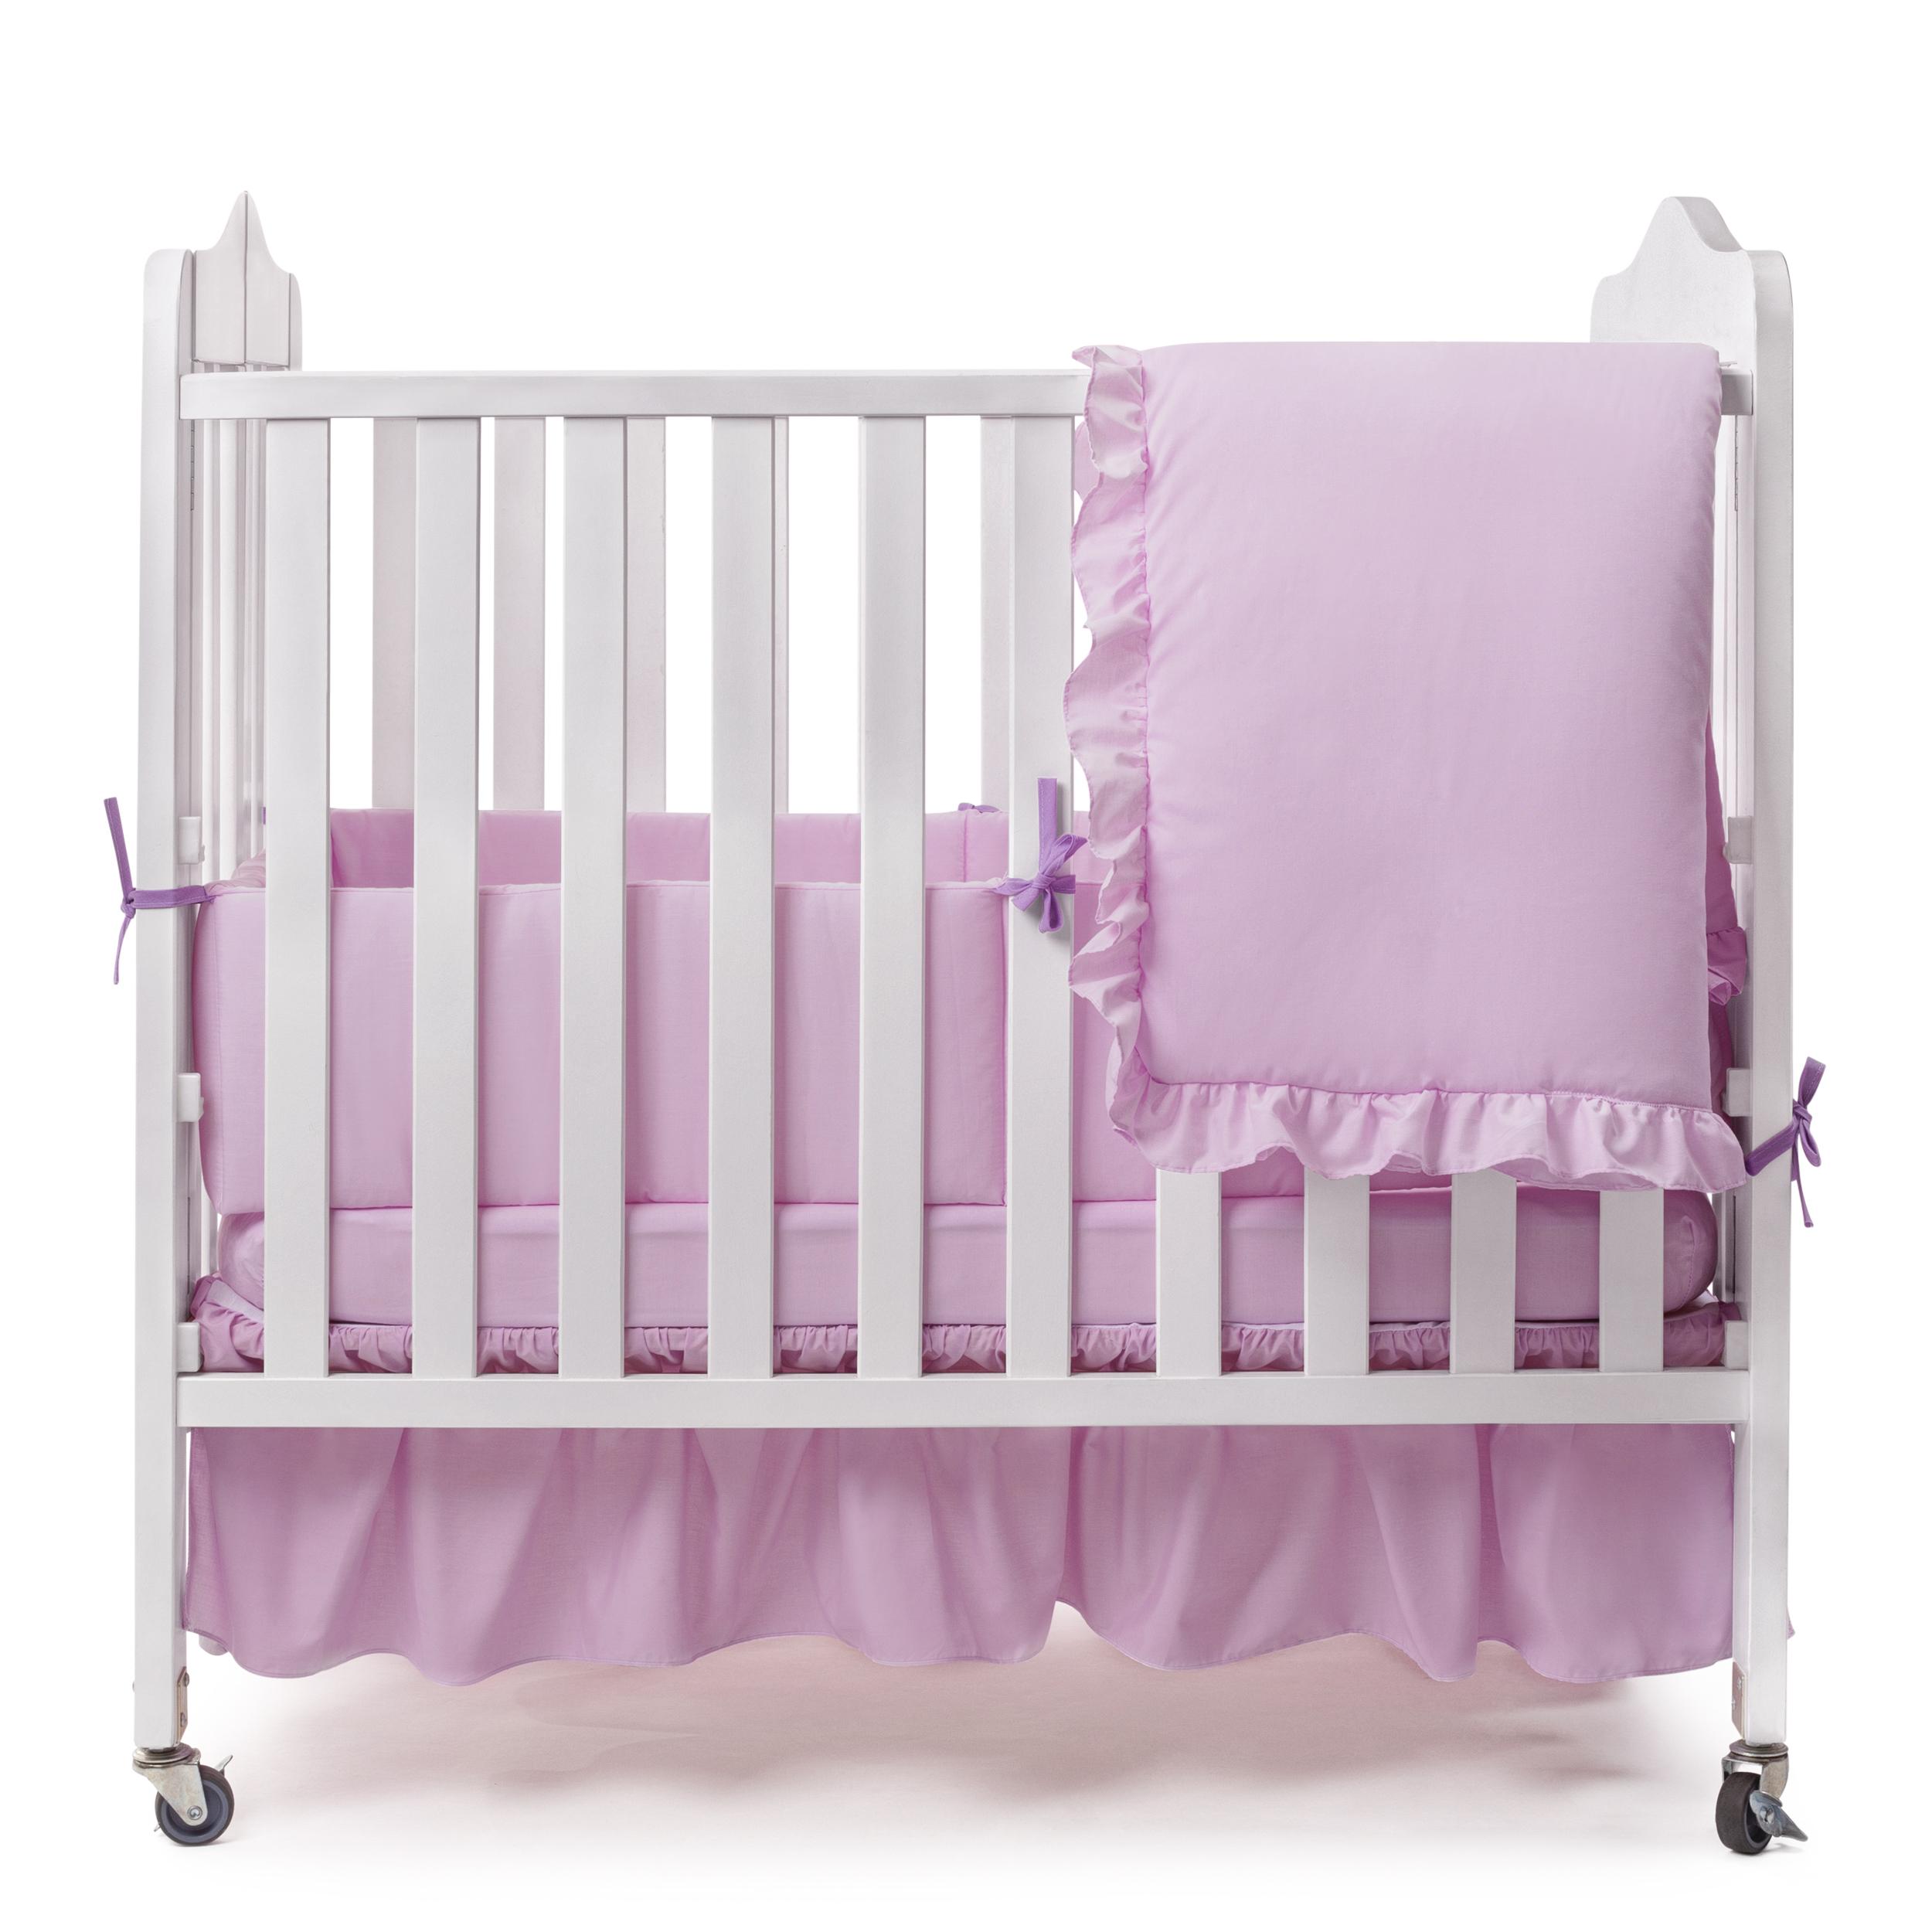 Solid Color Portable Crib Bedding Portable Crib Bedding Sets Ababy Com Lavender